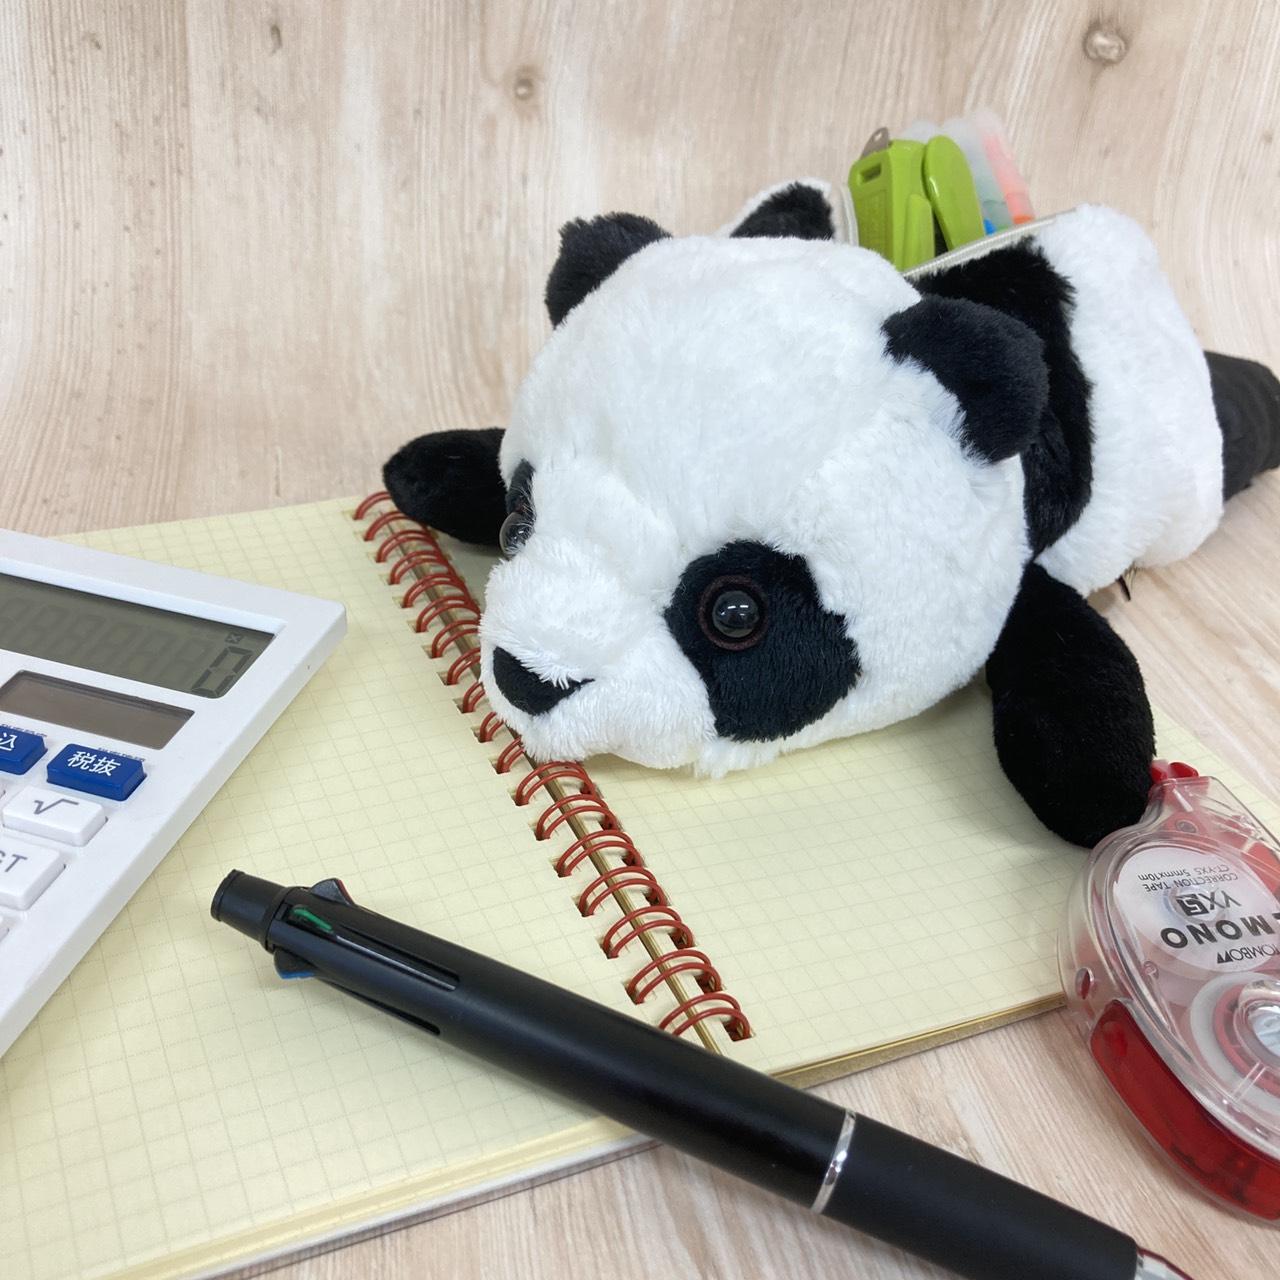 ワイルドアニマル ペンケース パンダ 2個 / ロット